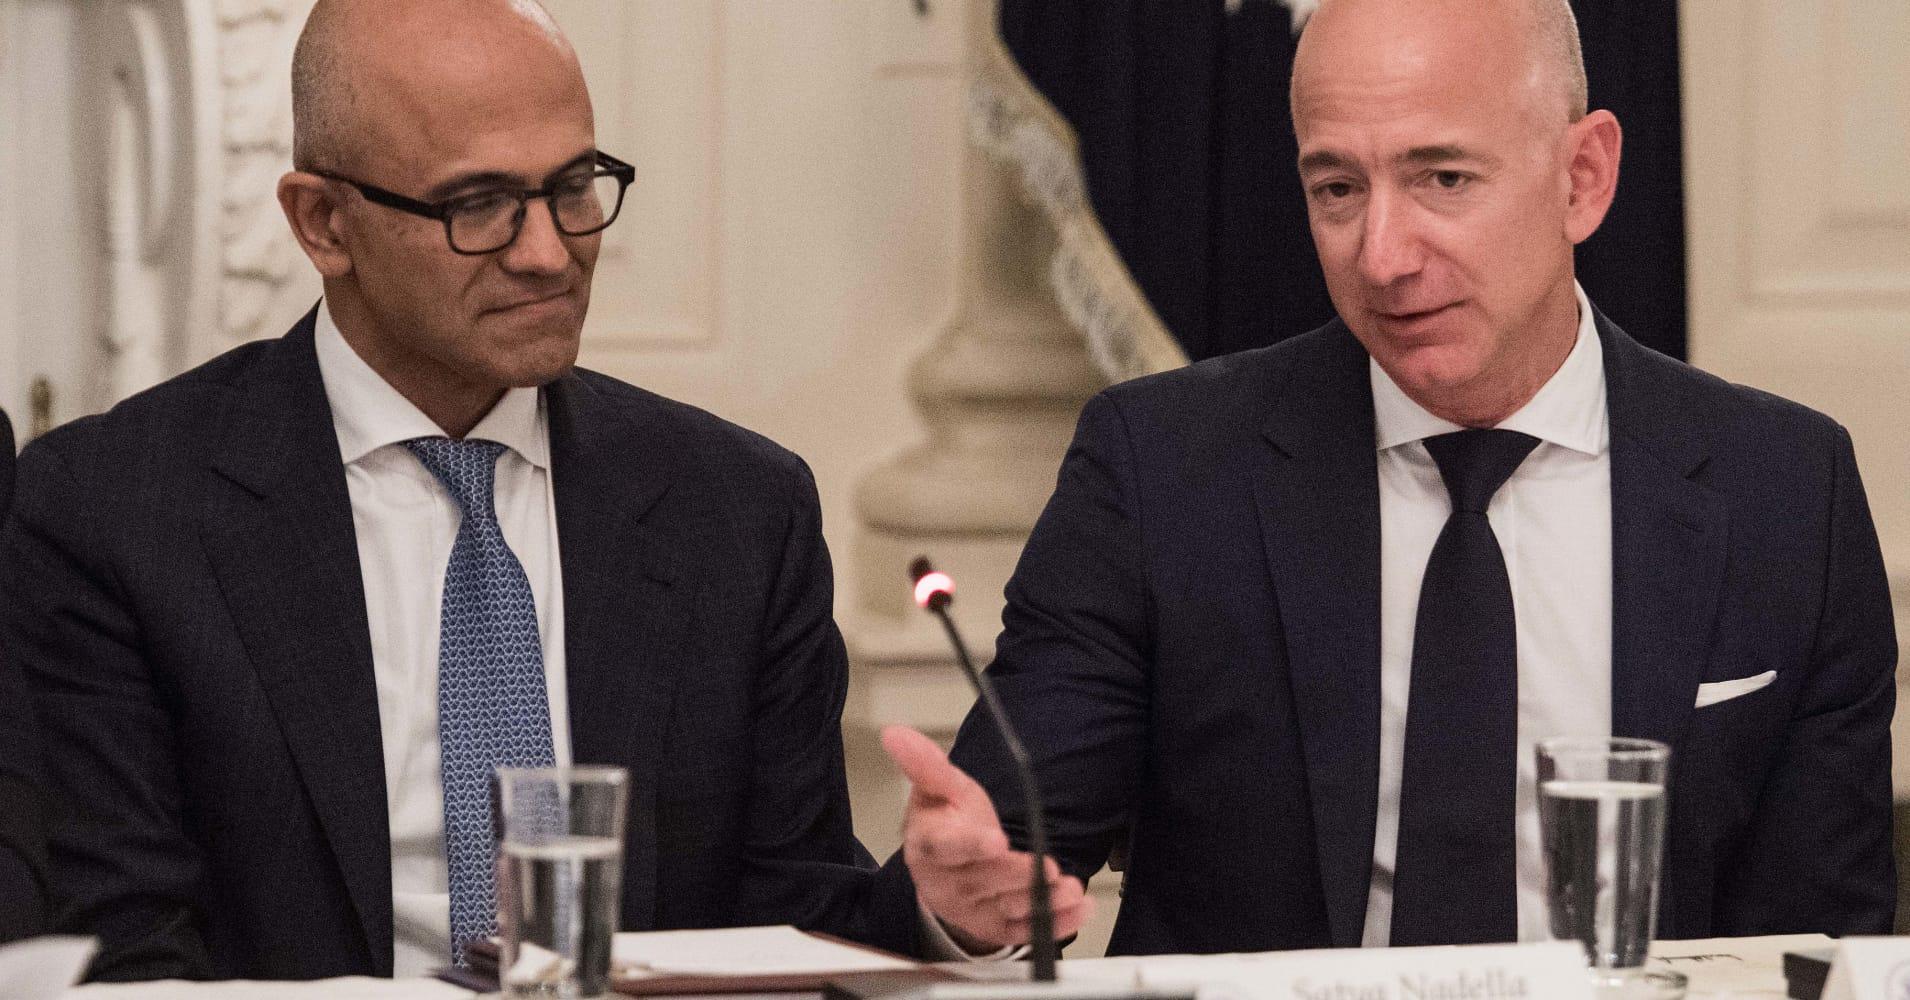 Amazon's favorite poaching ground for senior executives is Microsoft